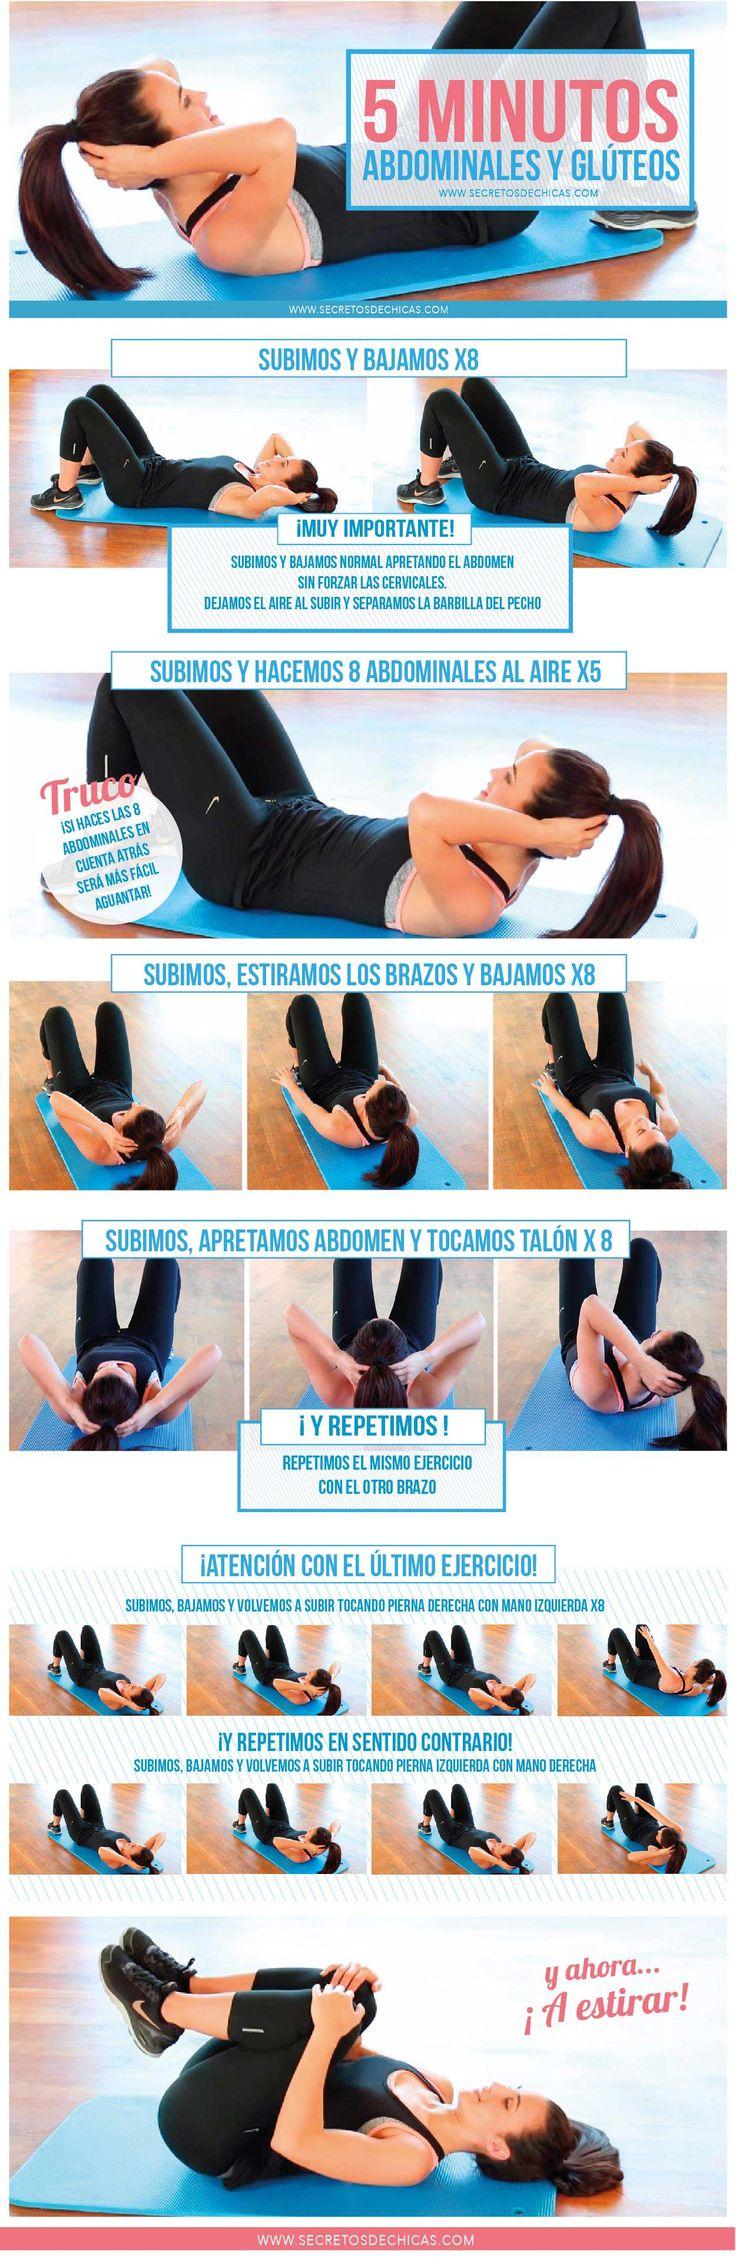 Rutina abdominales y glúteos